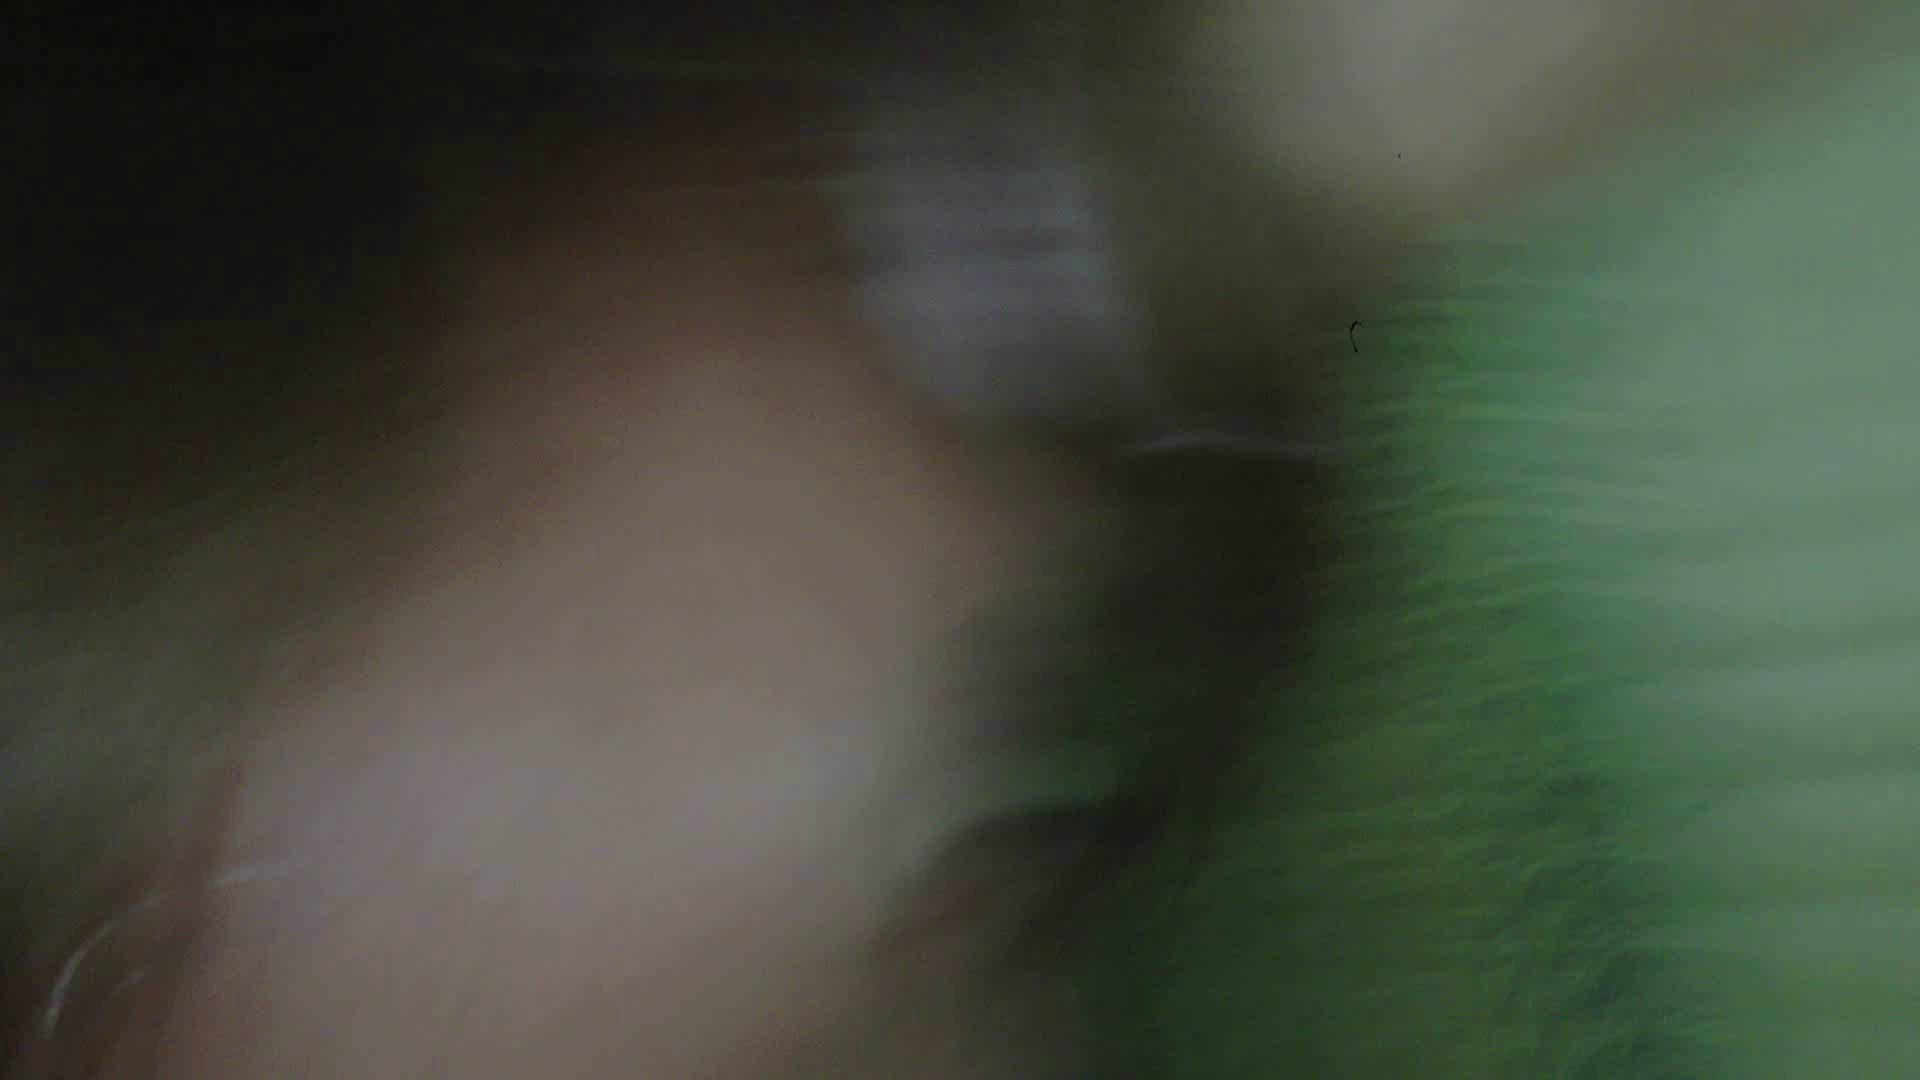 ヒトニアラズvol.3 値下げ | ギャル  97画像 6